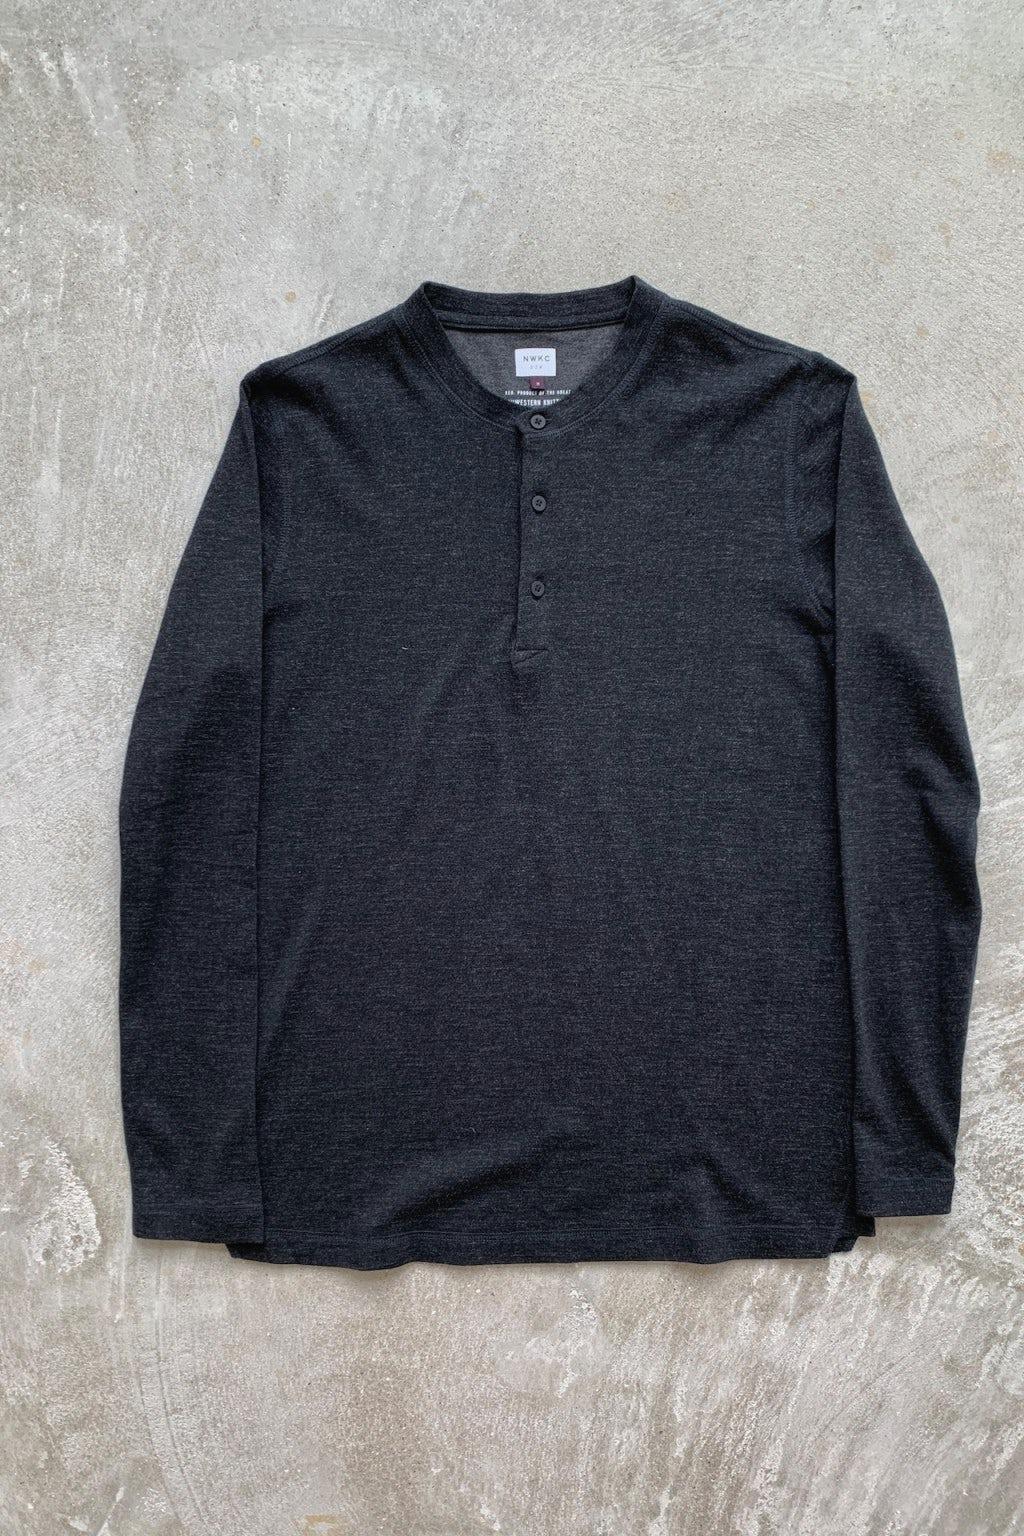 NWKC 105 Henley Black